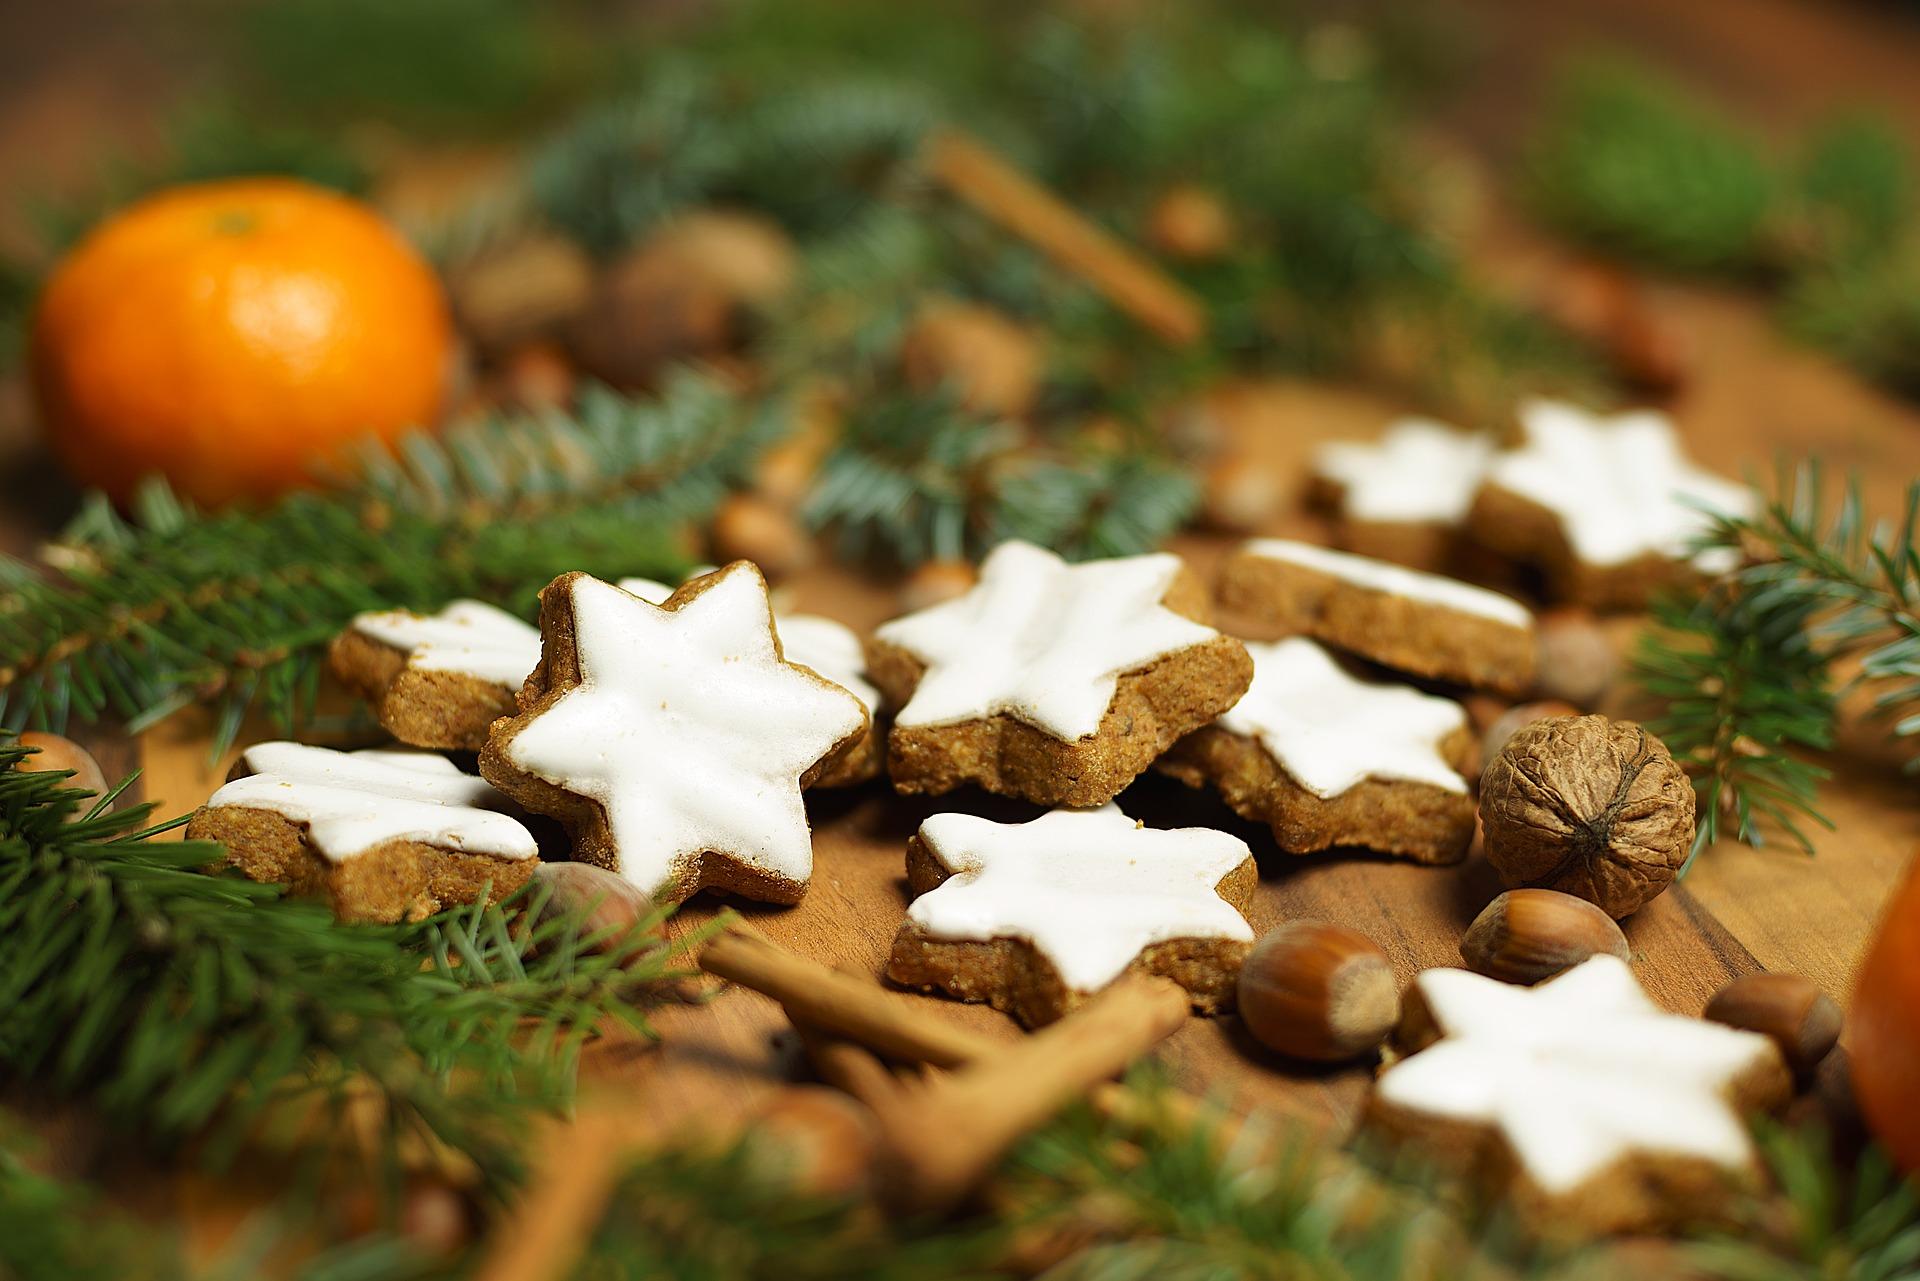 cinnamon-stars-2998962_1920.jpg